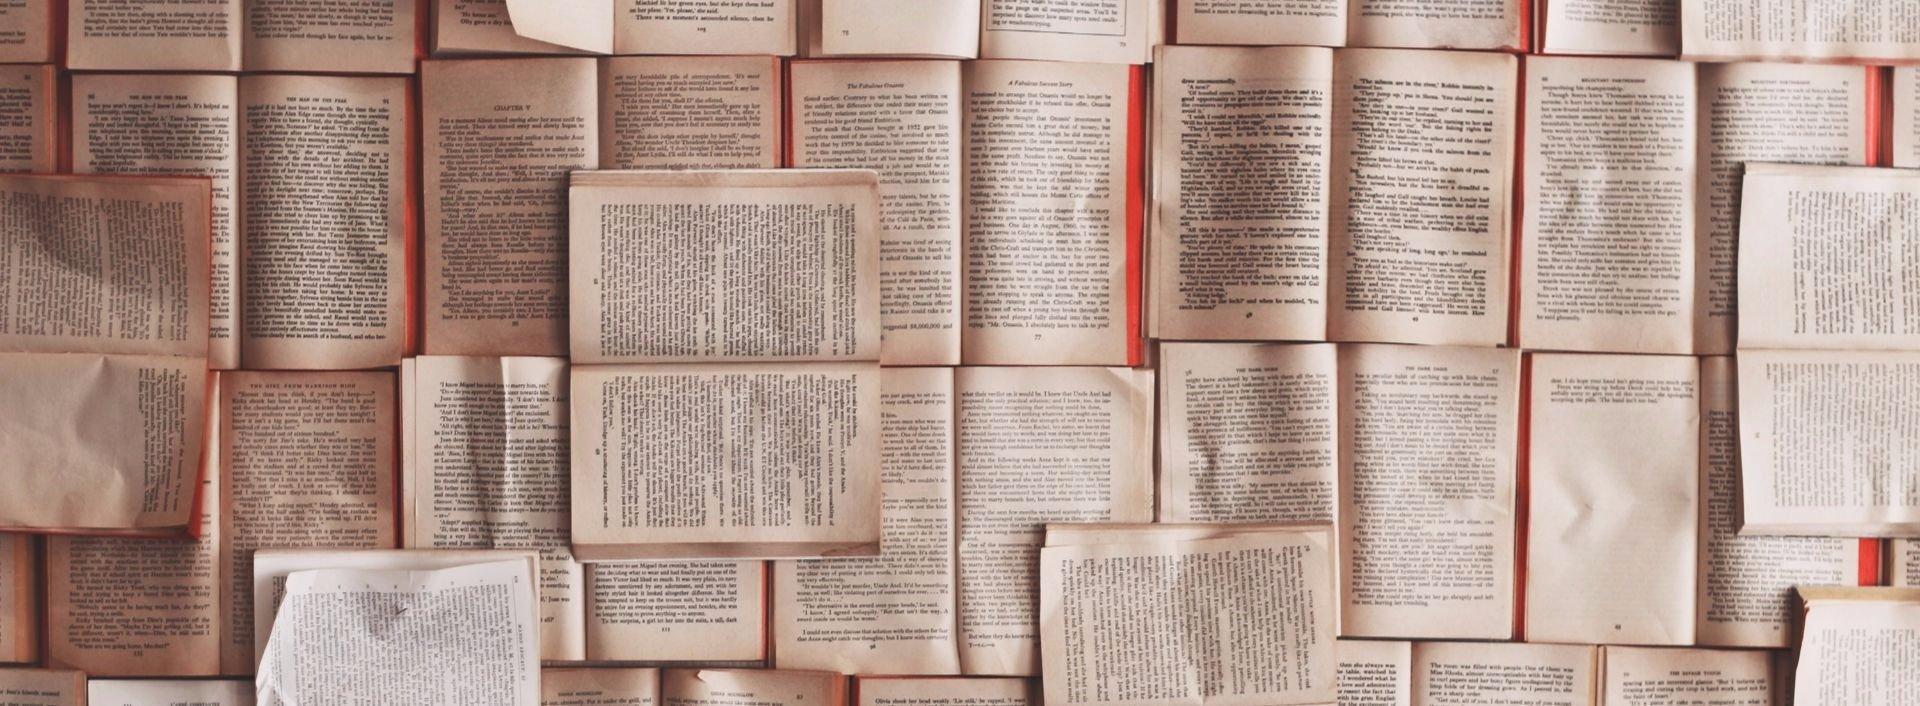 Viele aufgeschlagene Bücher mit Texten, in denen as und since im Sinne von because verwendet werden.